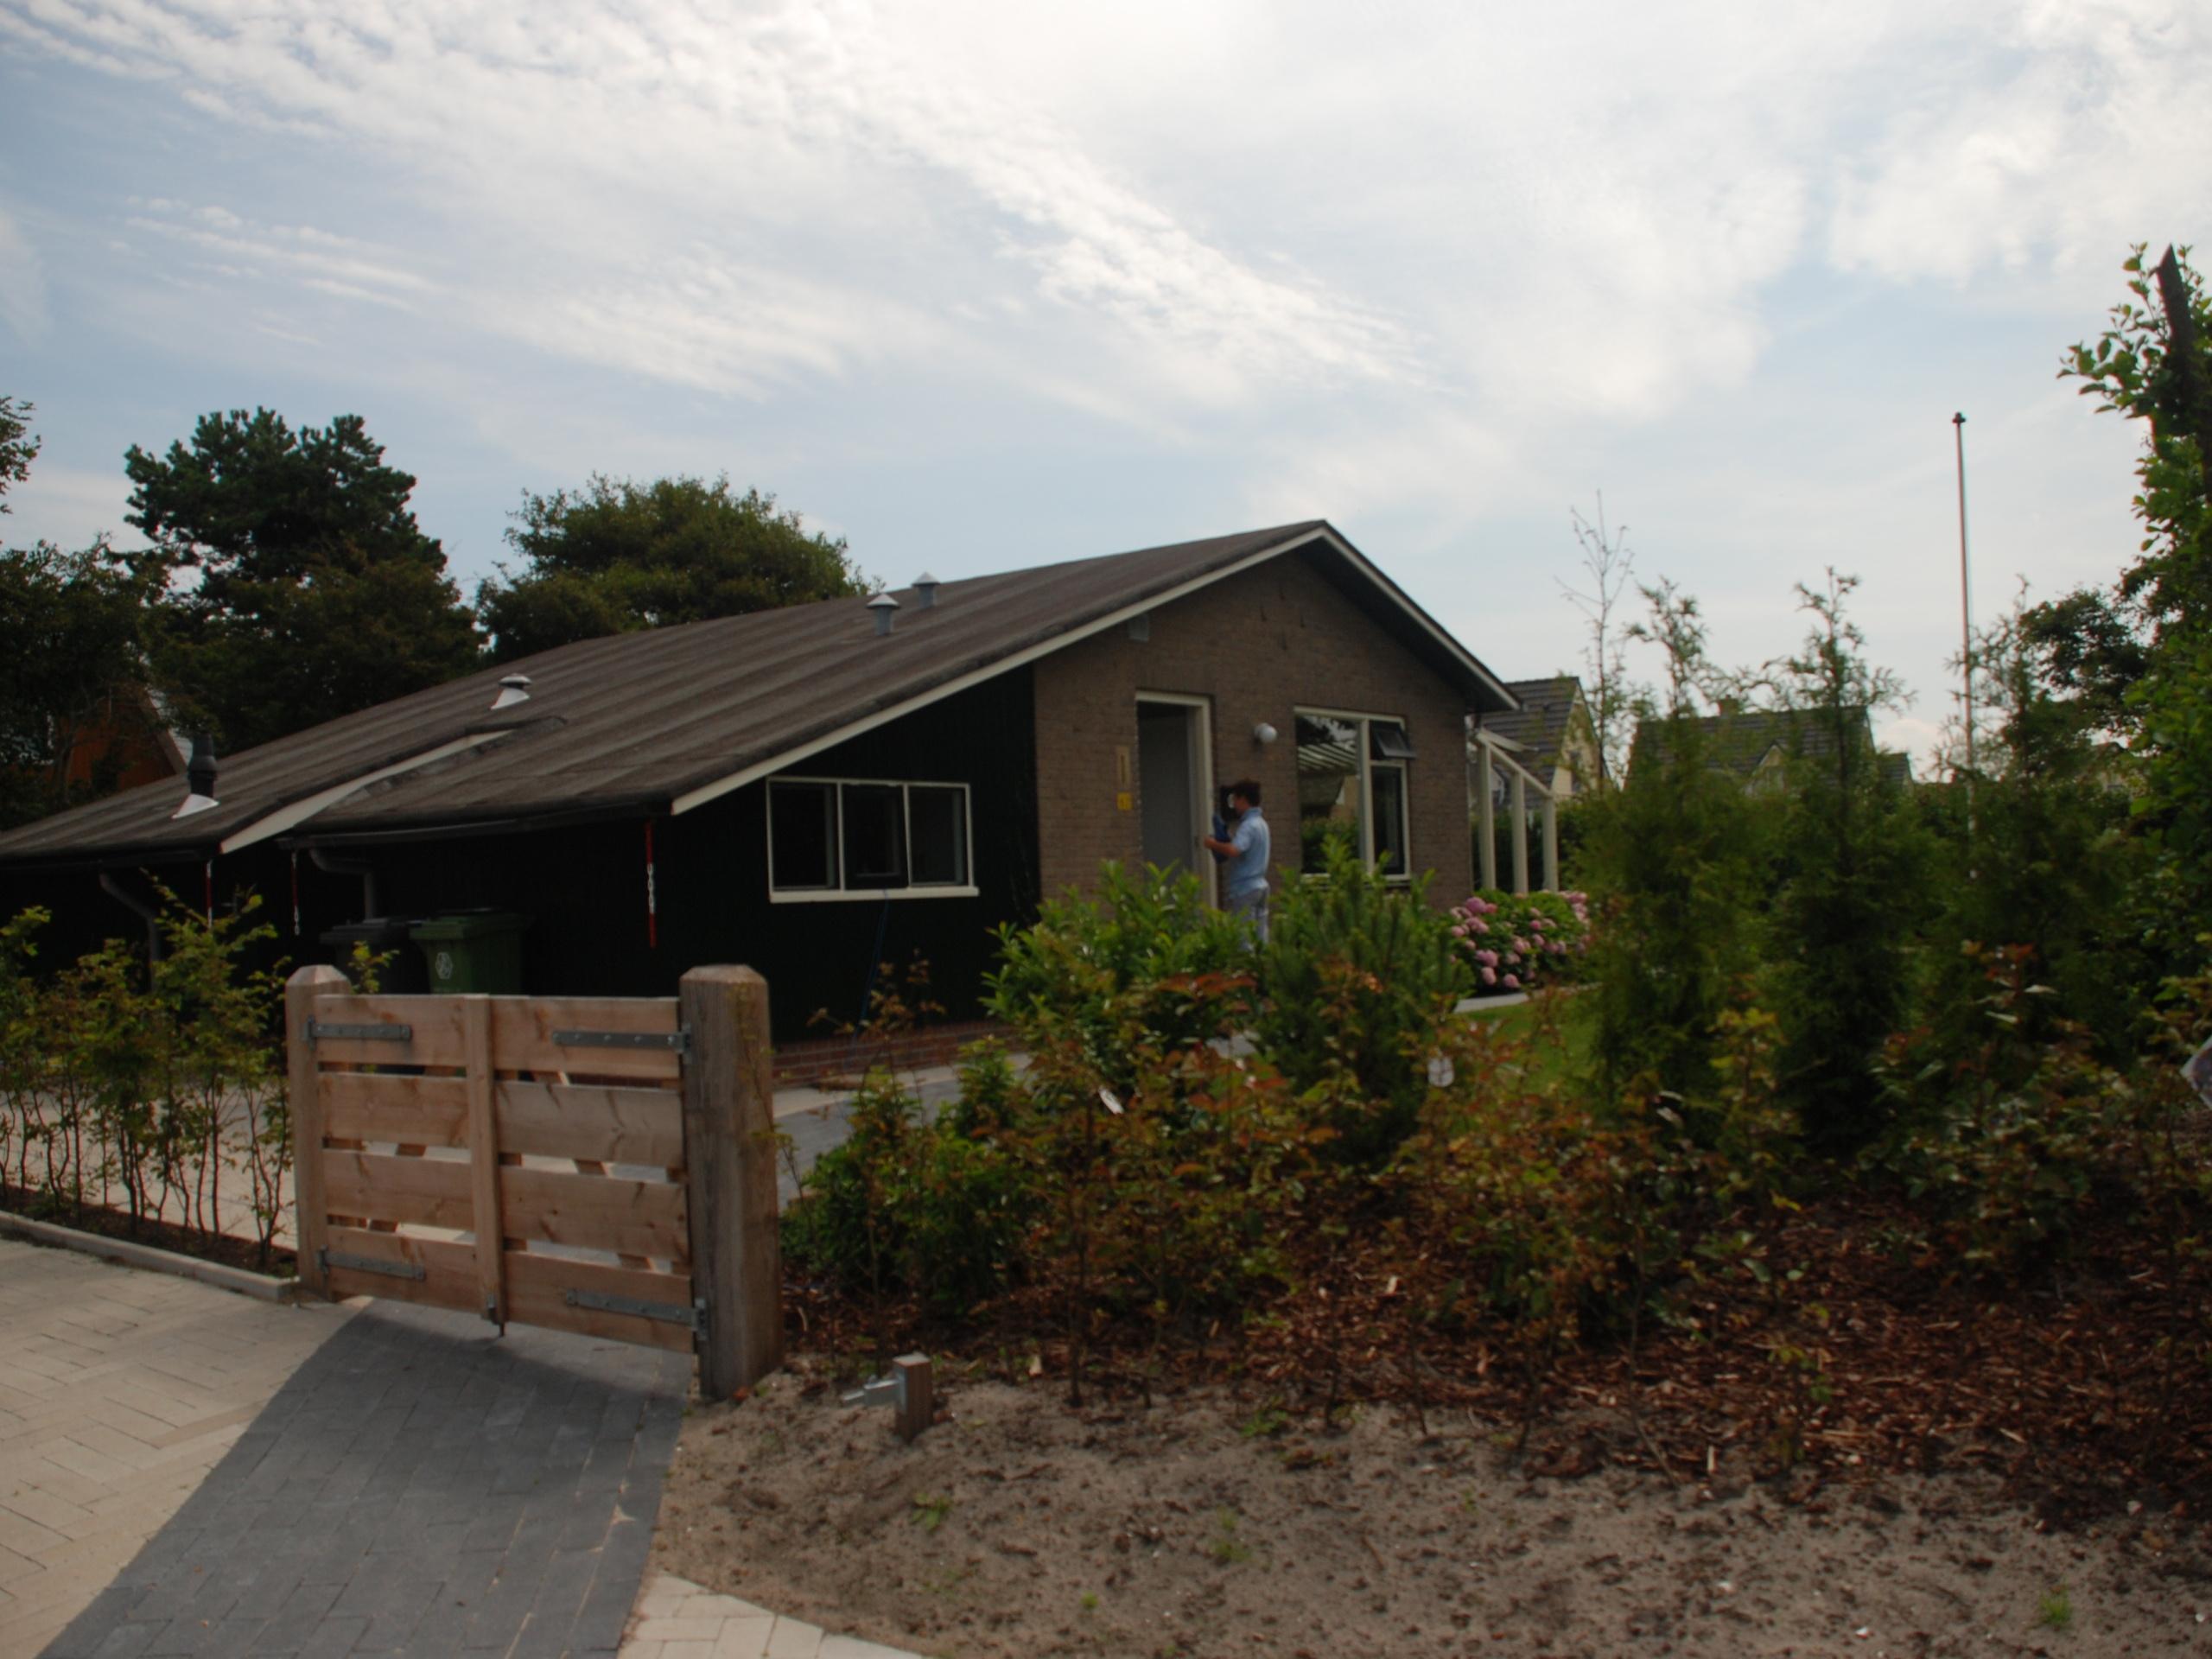 Rustig gelegen vakantiehuis met ruime tuin op steenworp afstand van het dorp, strand en bos